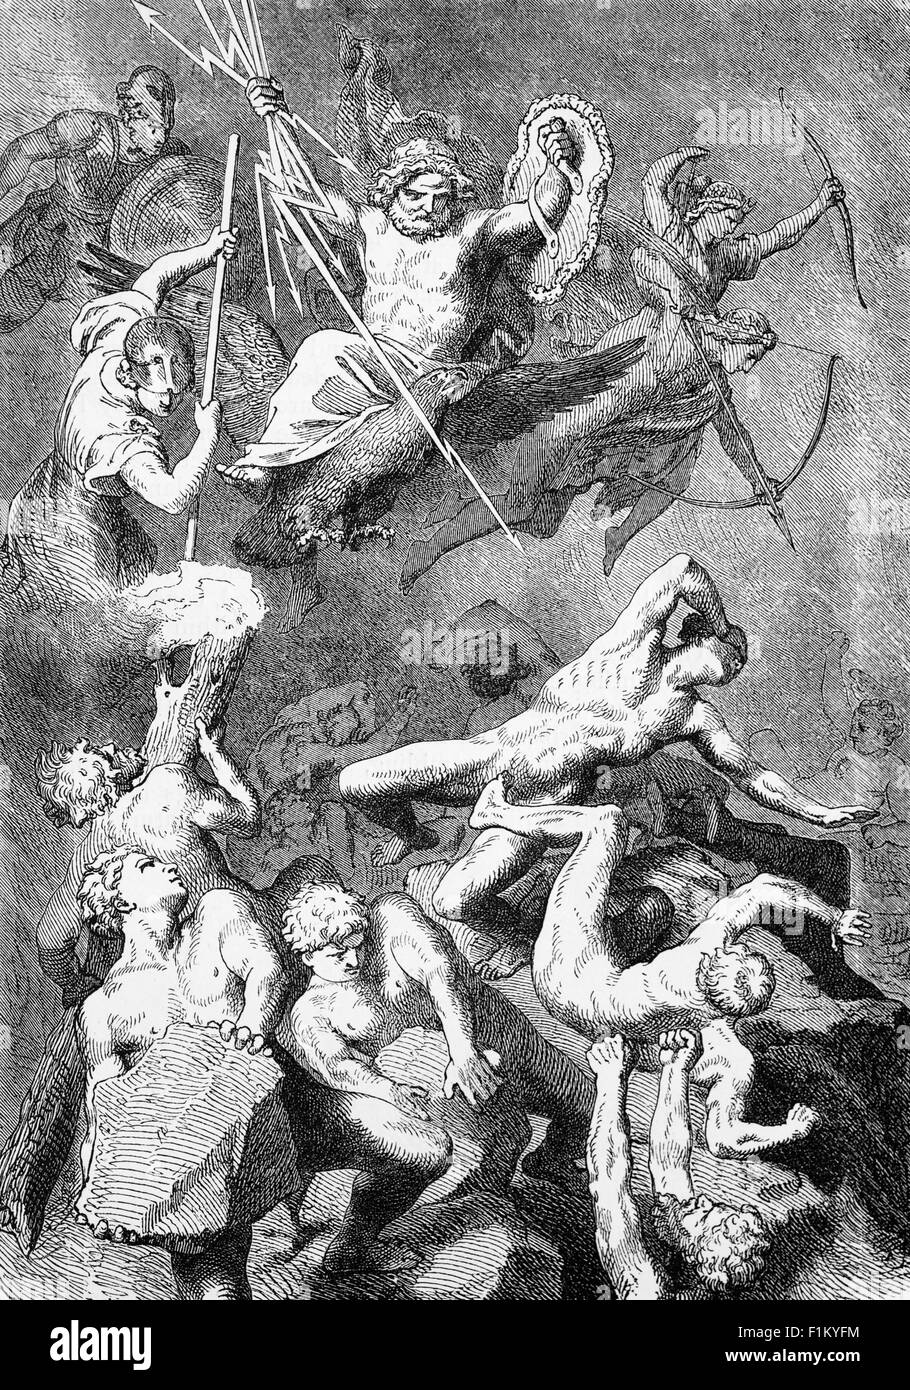 Titanen Mythologie